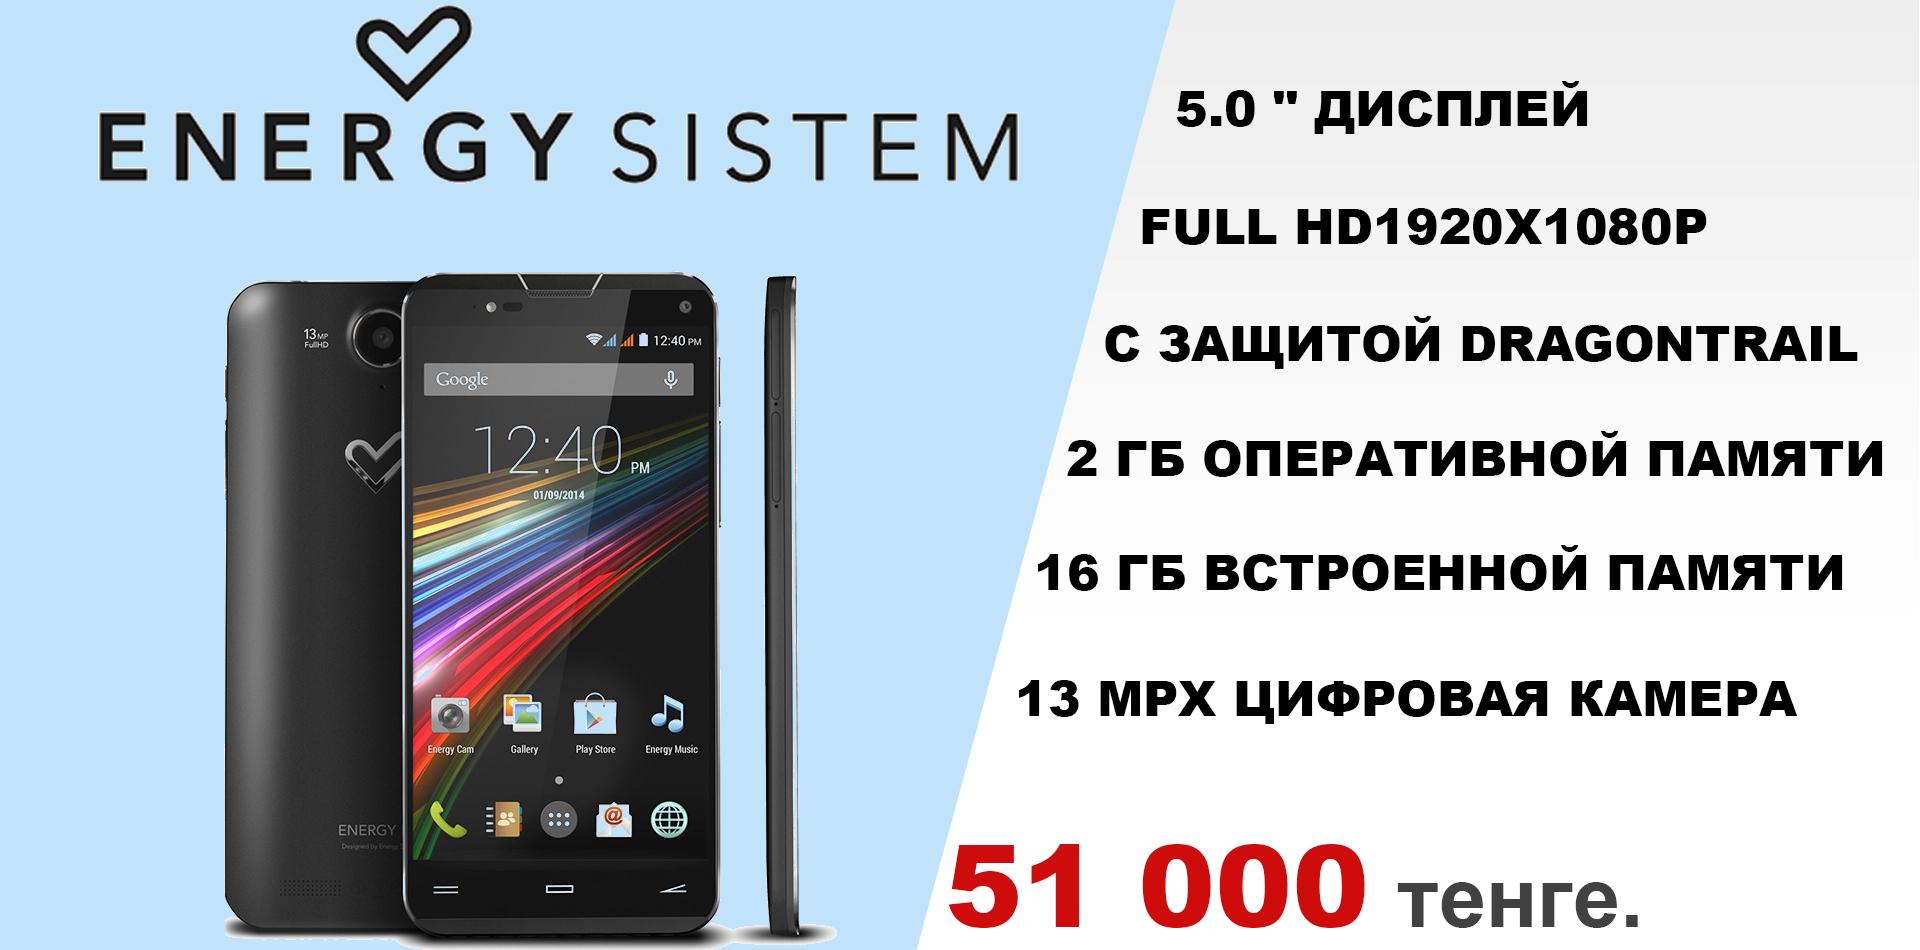 СМАРТФОН ENERGY SISTEM